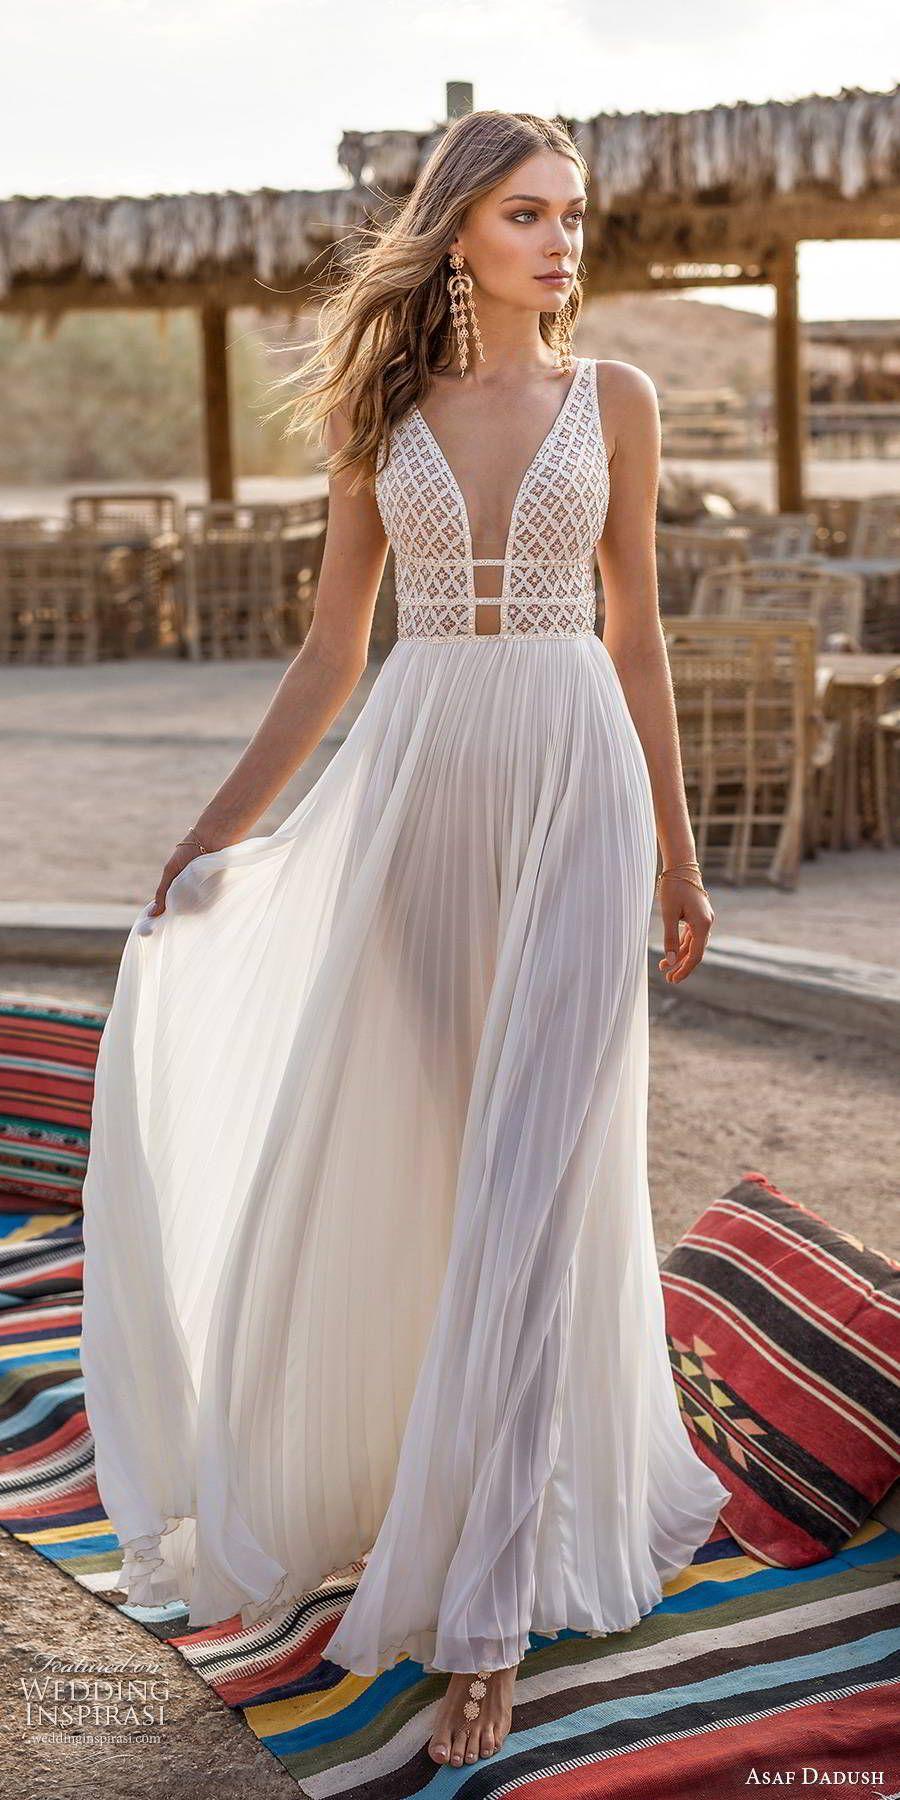 Asaf Dadush 2019 Wedding Dresses | Wedding Inspirasi – robe maman